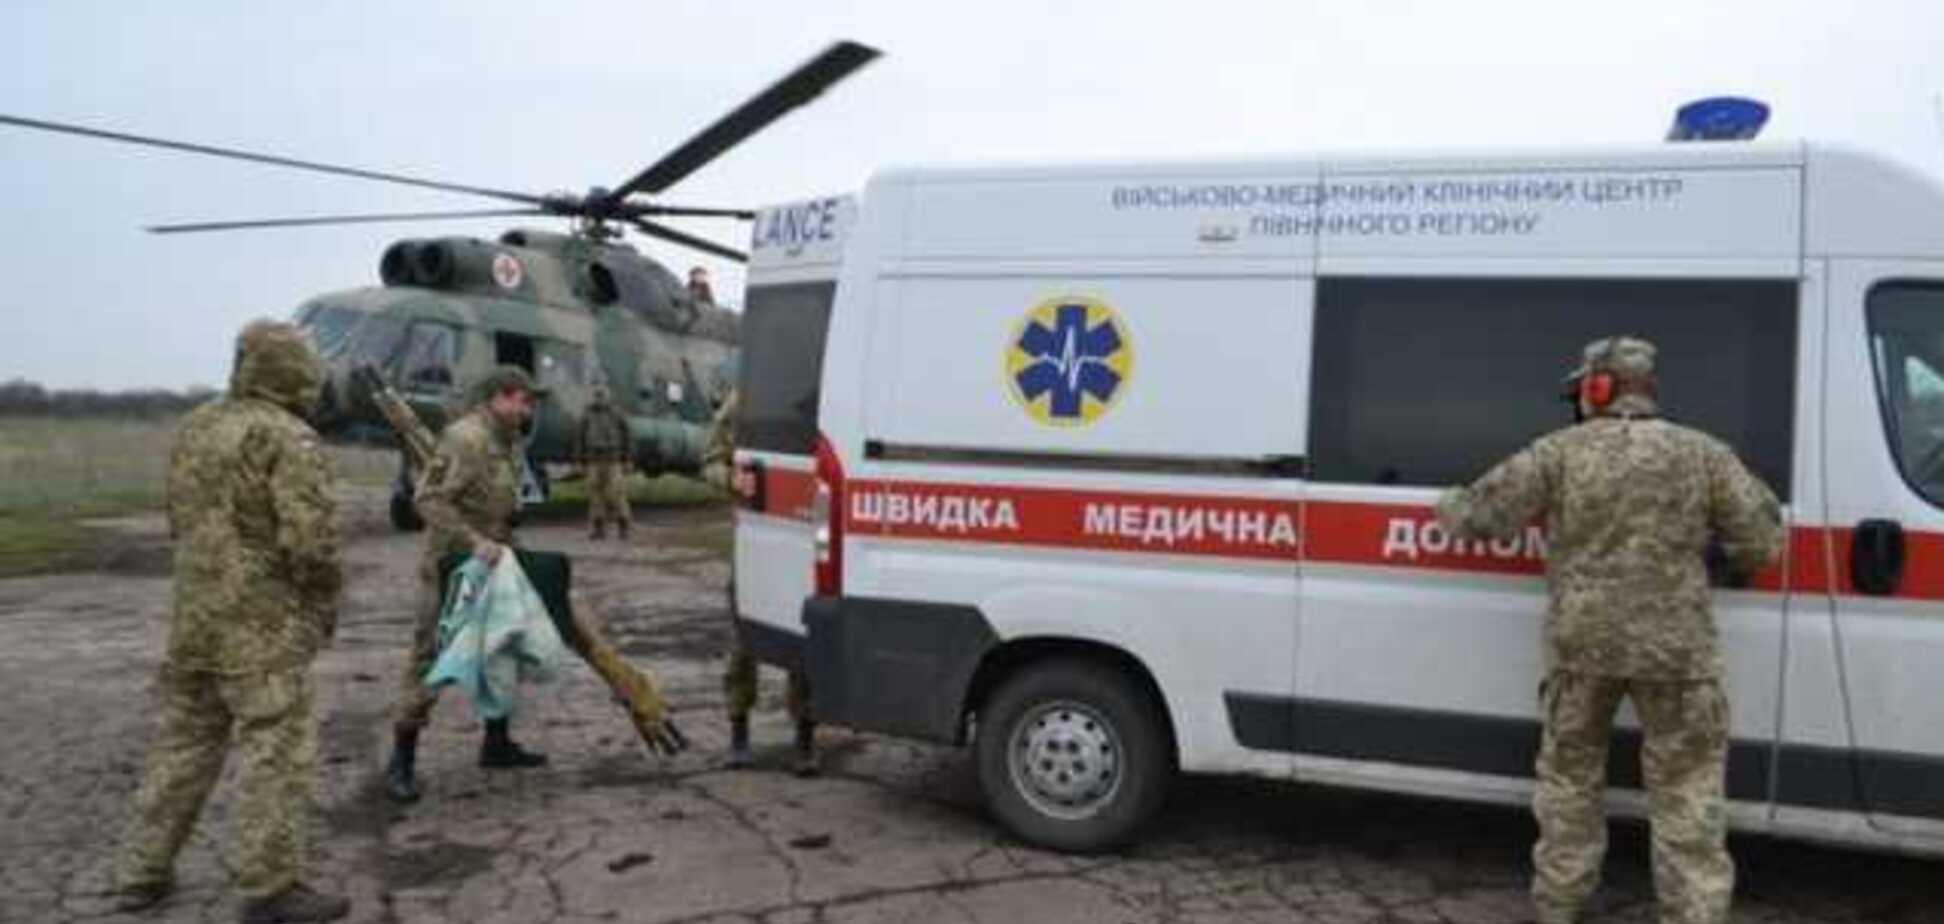 'Л/ДНР' устроили бойню: появились новые подробности о пострадавших в ВСУ